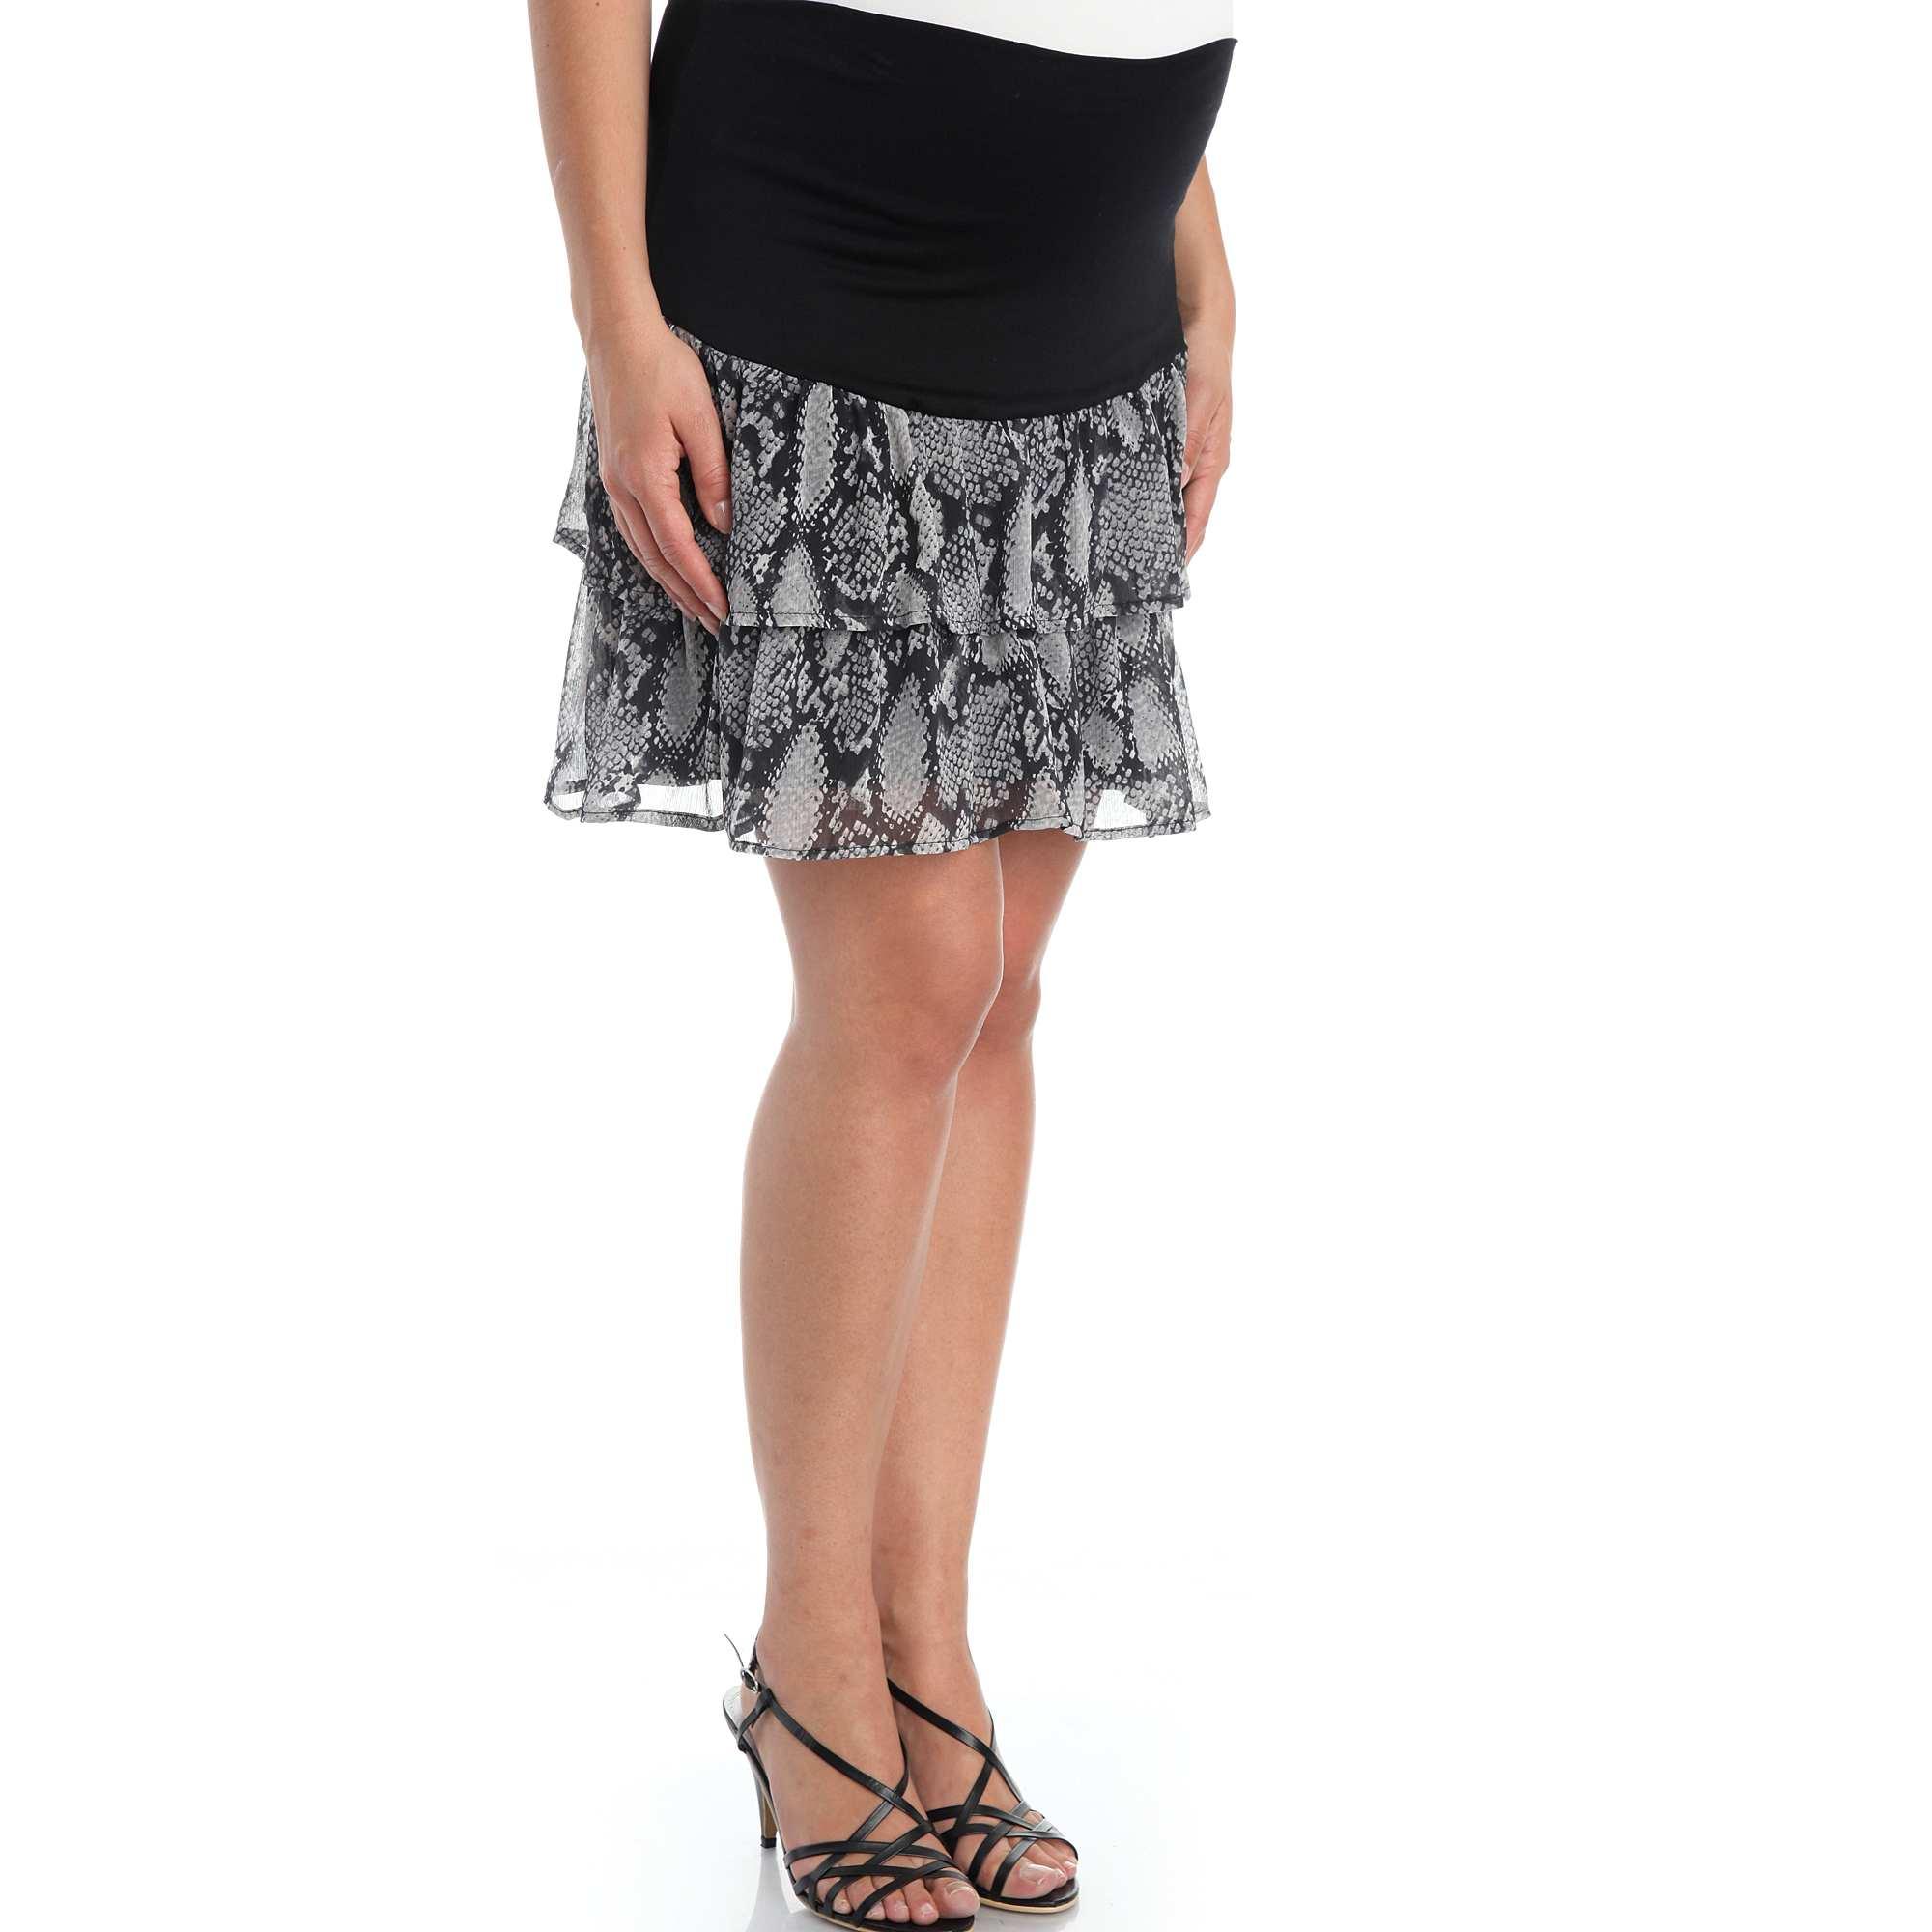 e84a80622 Kiabi   Ropa premamá: moda para embarazadas   Page 6